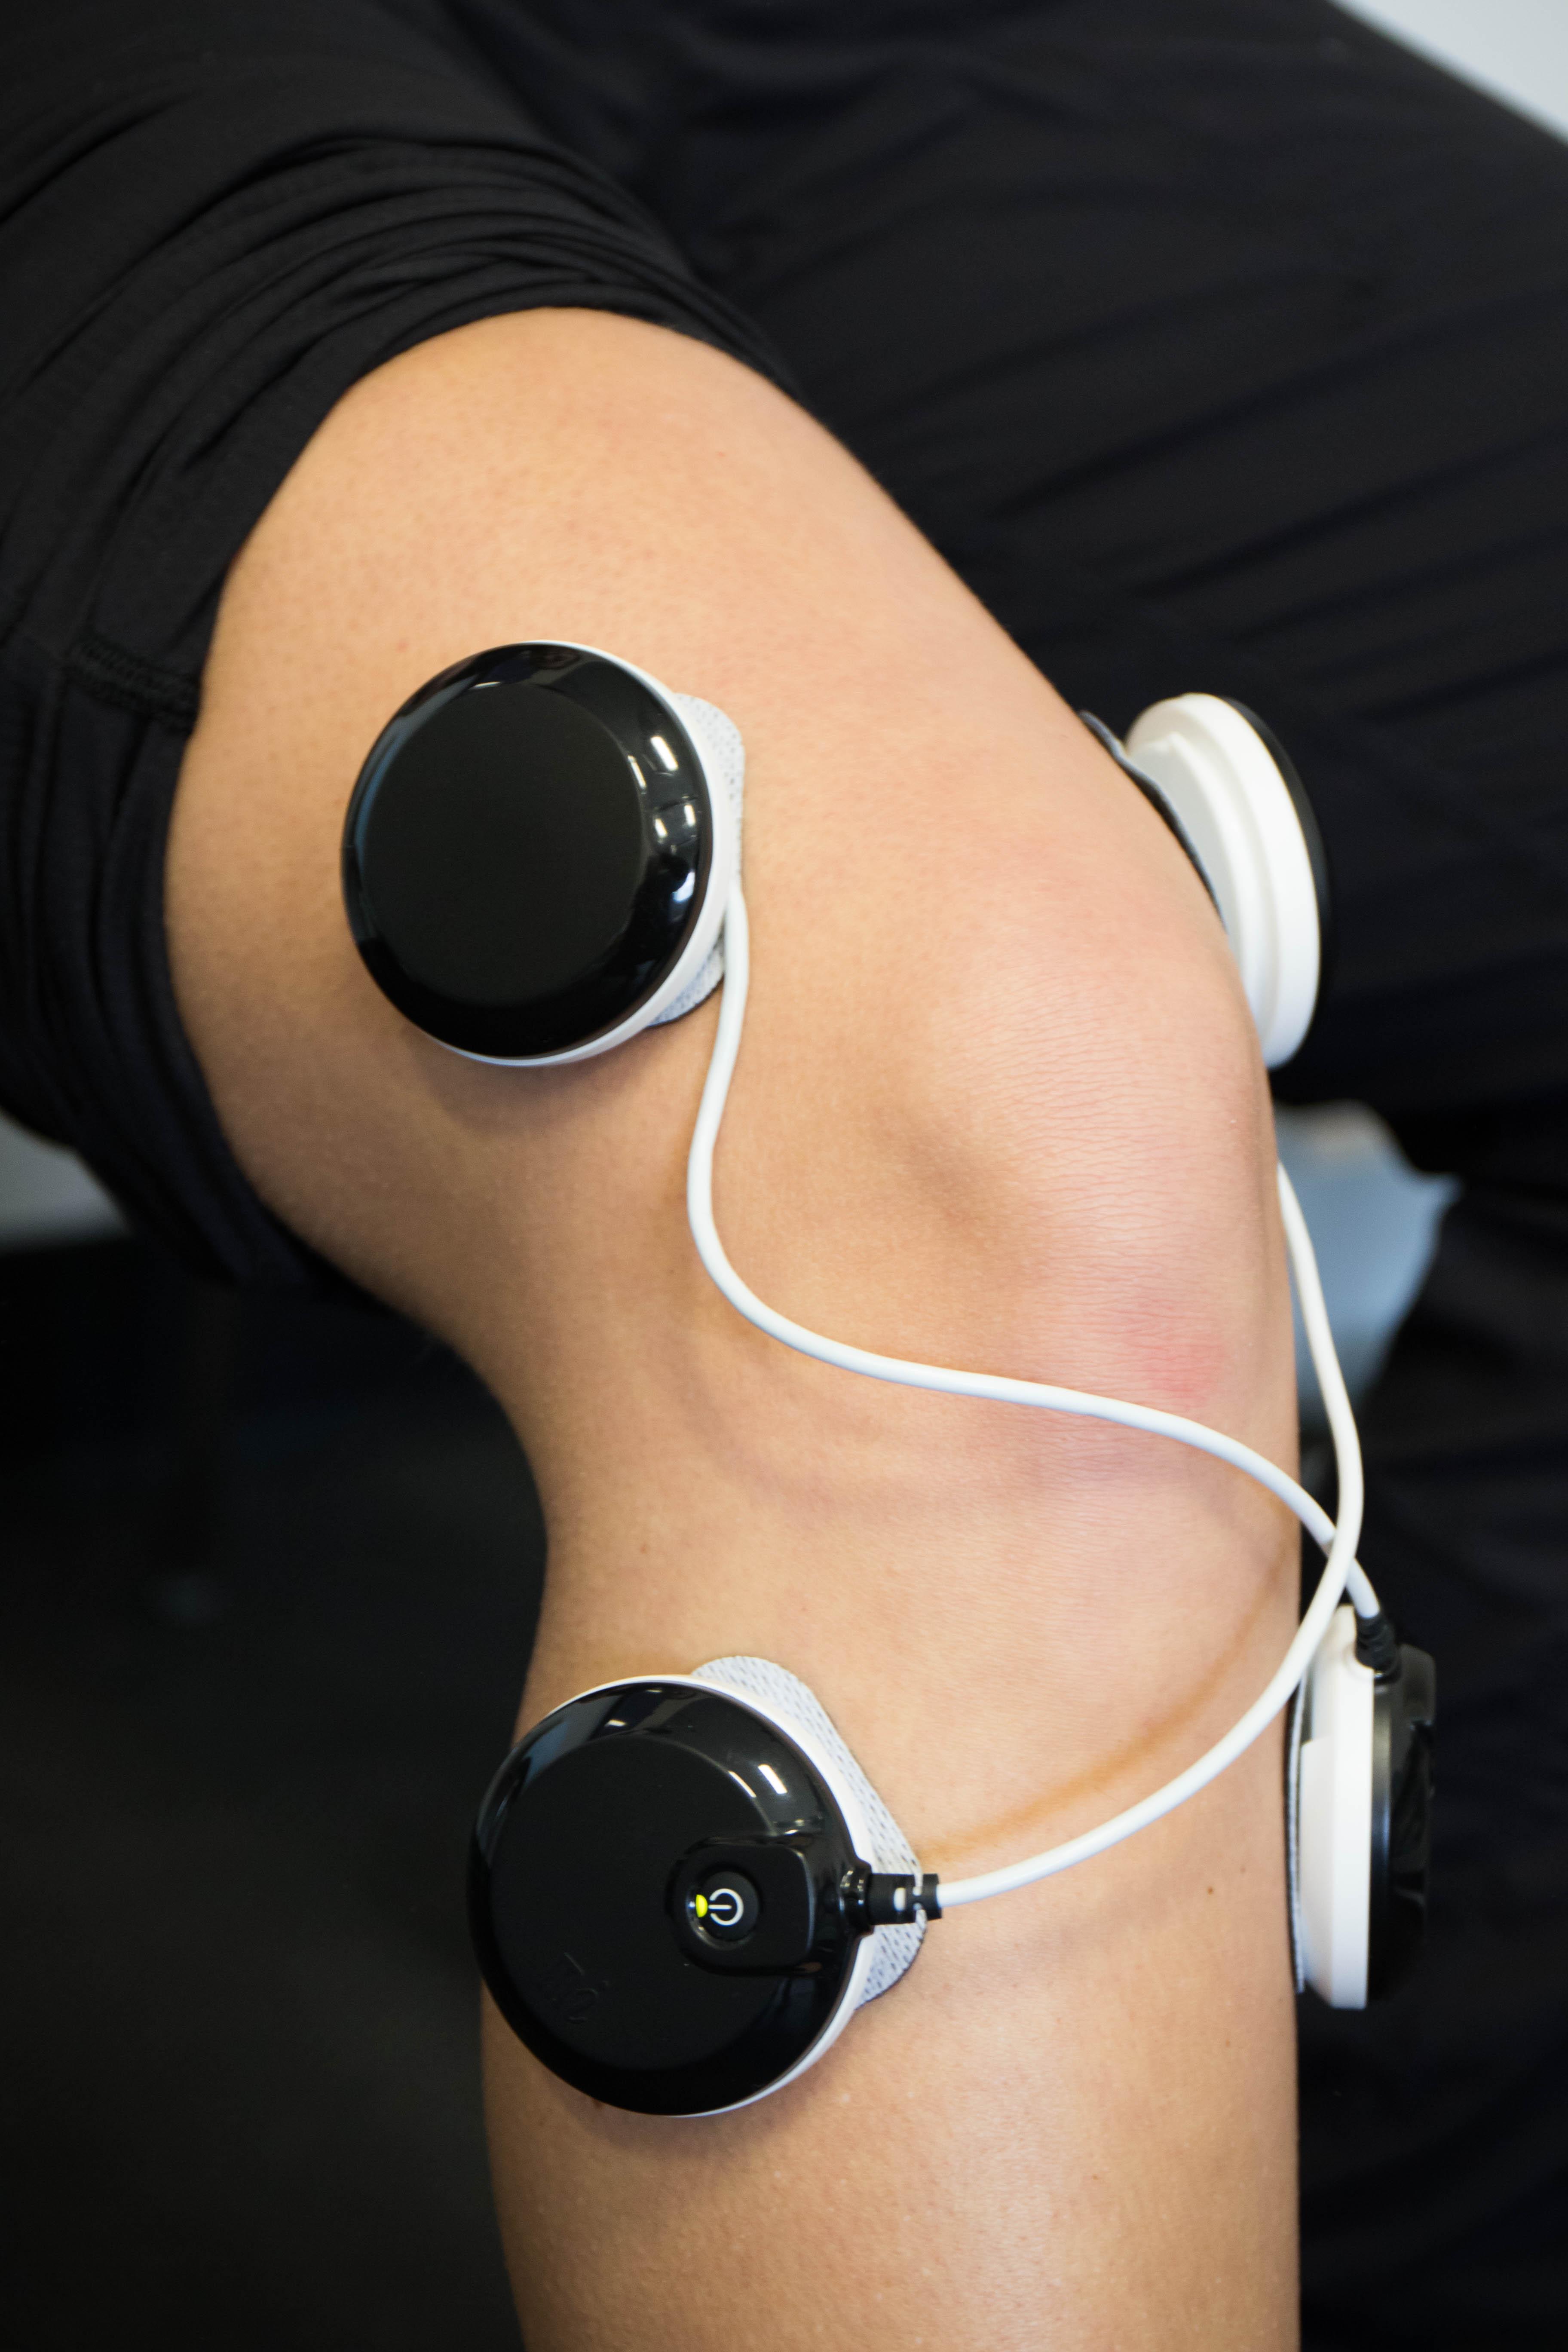 TENS unit on knee